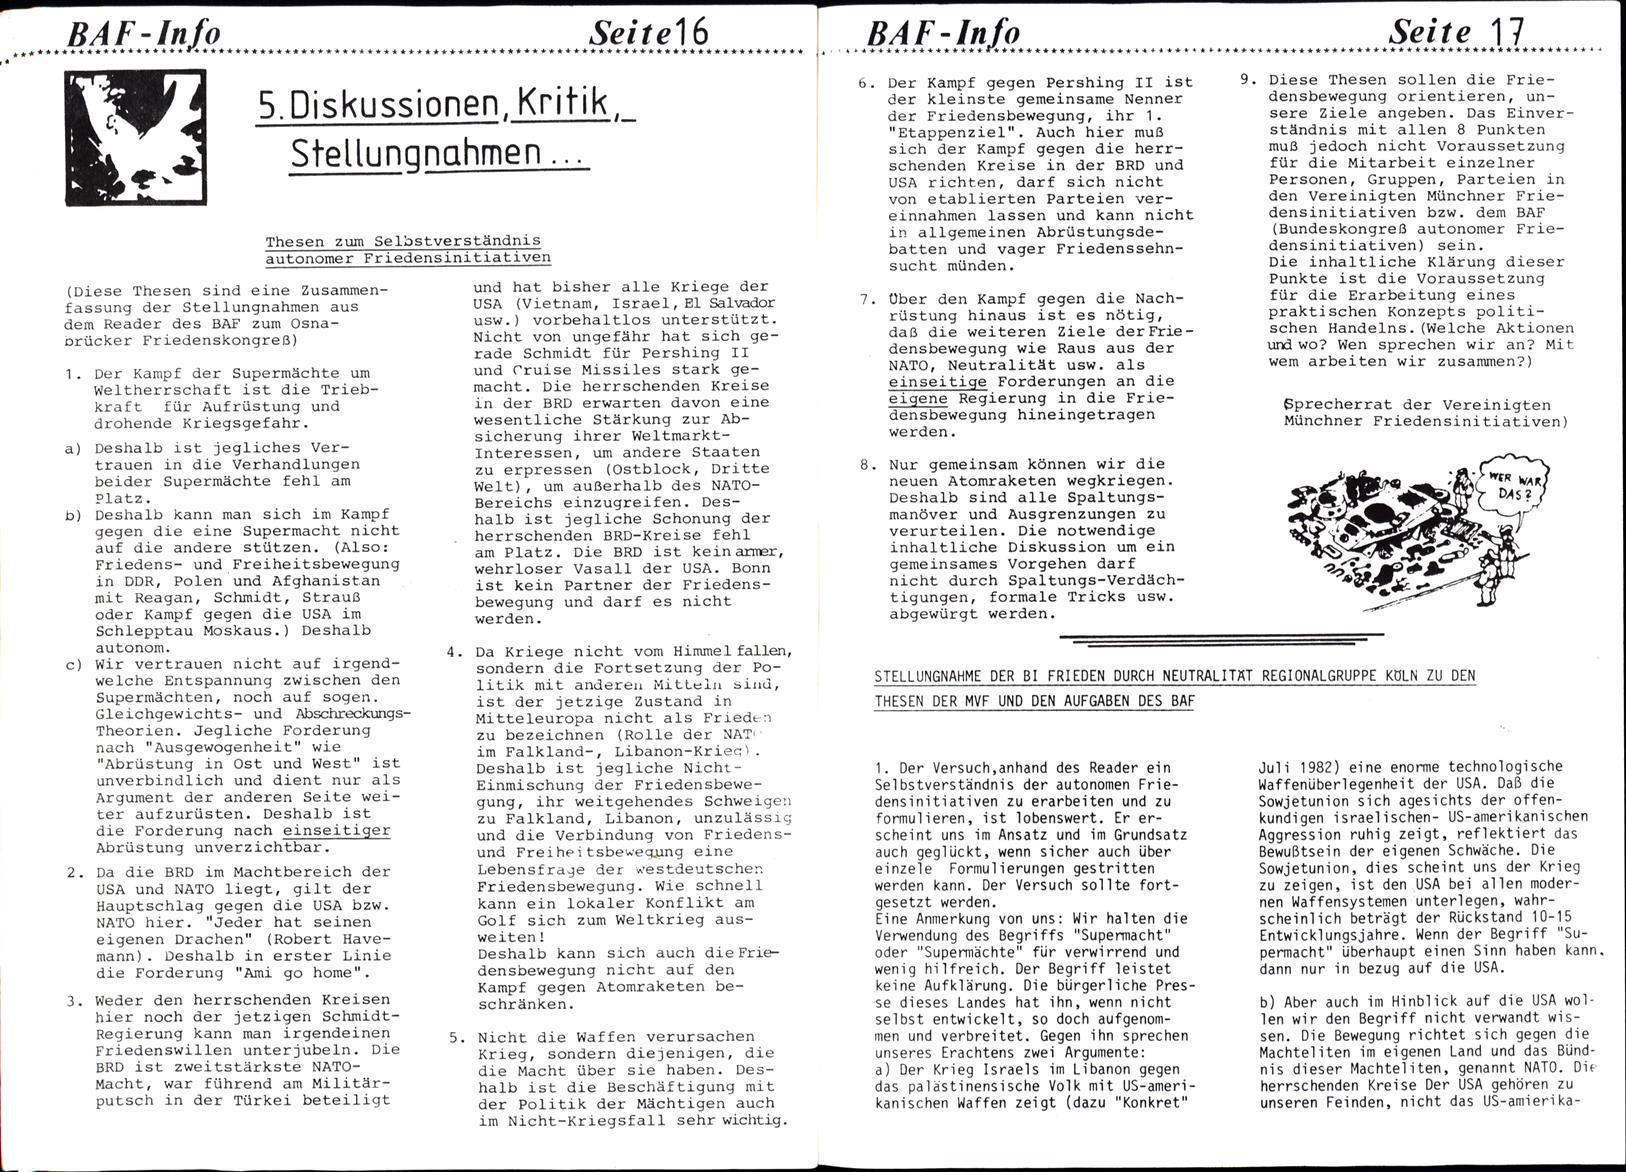 BAF_Info_01_19820900_09